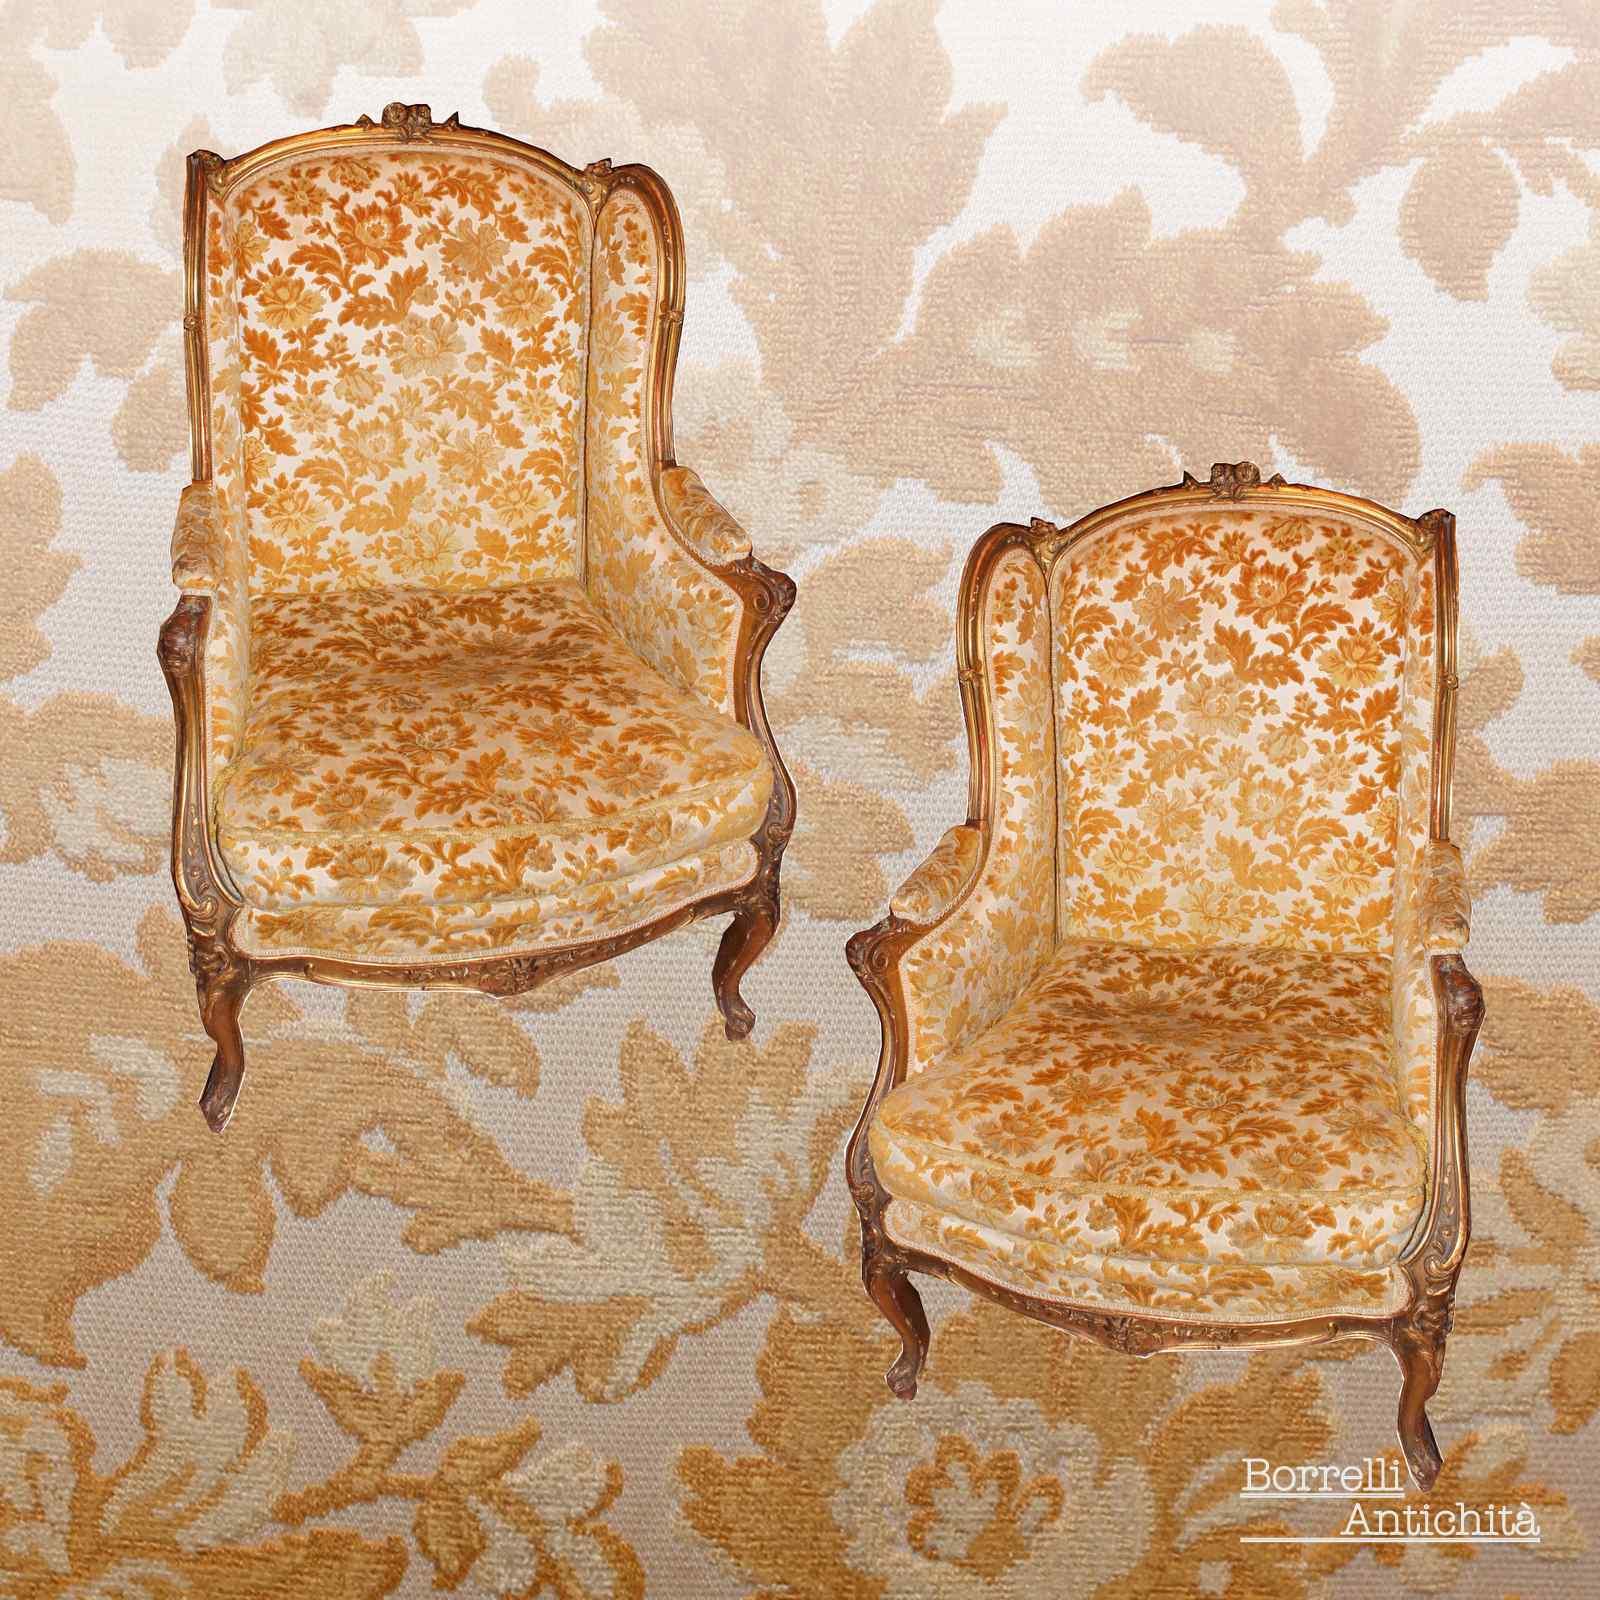 paire de fauteuils antiques dorés du 19ème siècle